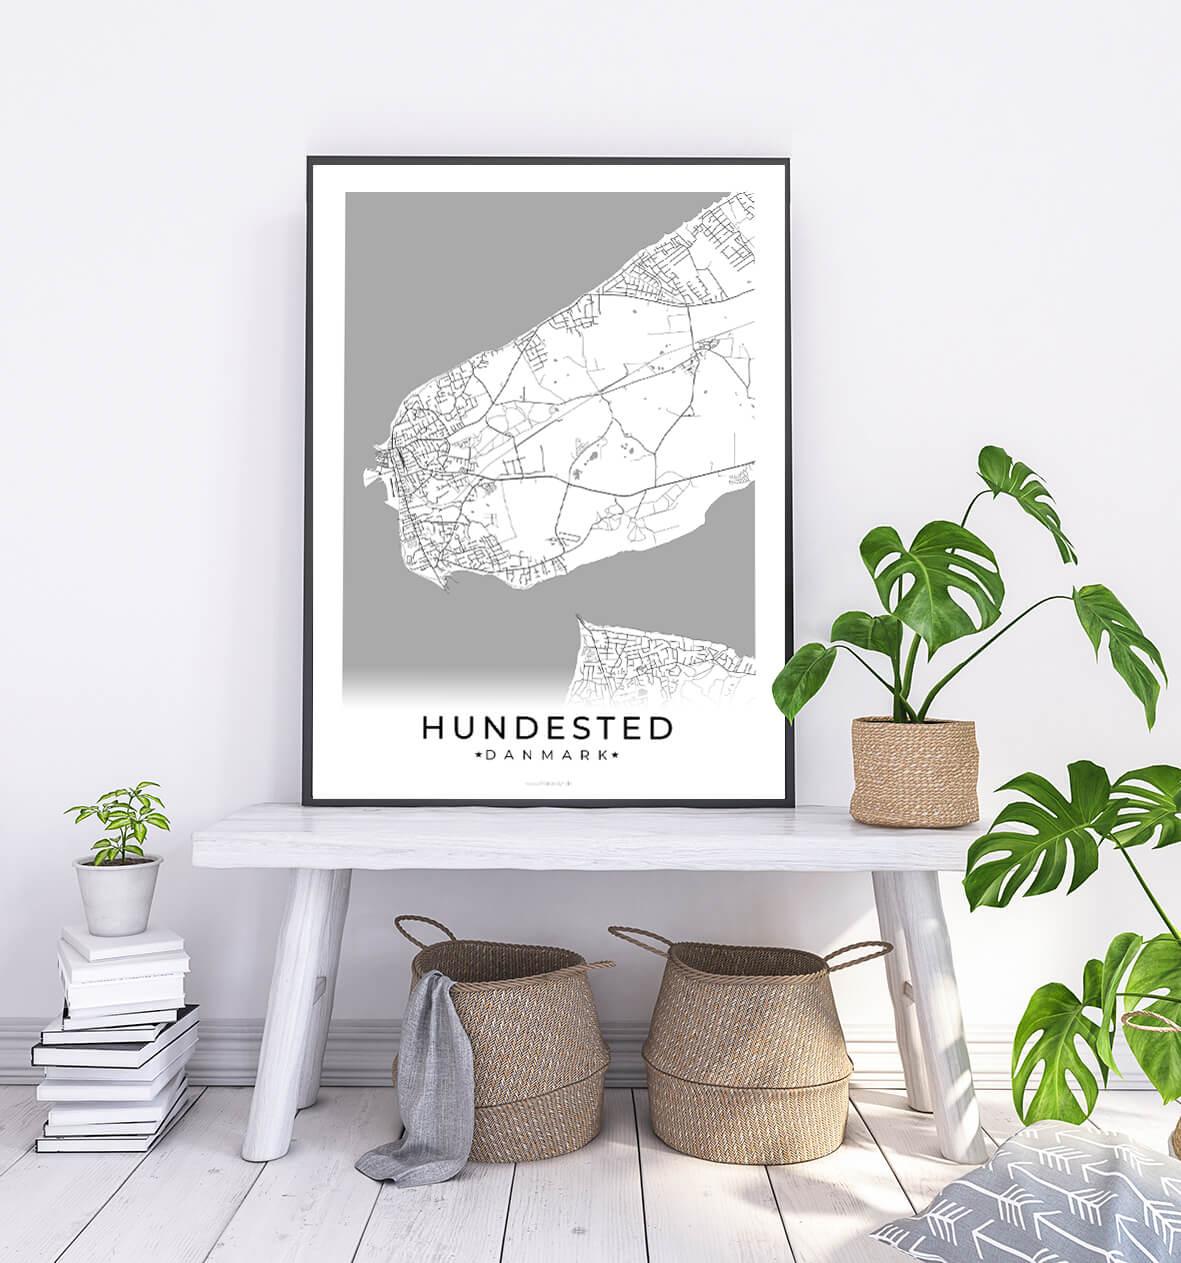 Hundested-hvid-byplakat-1